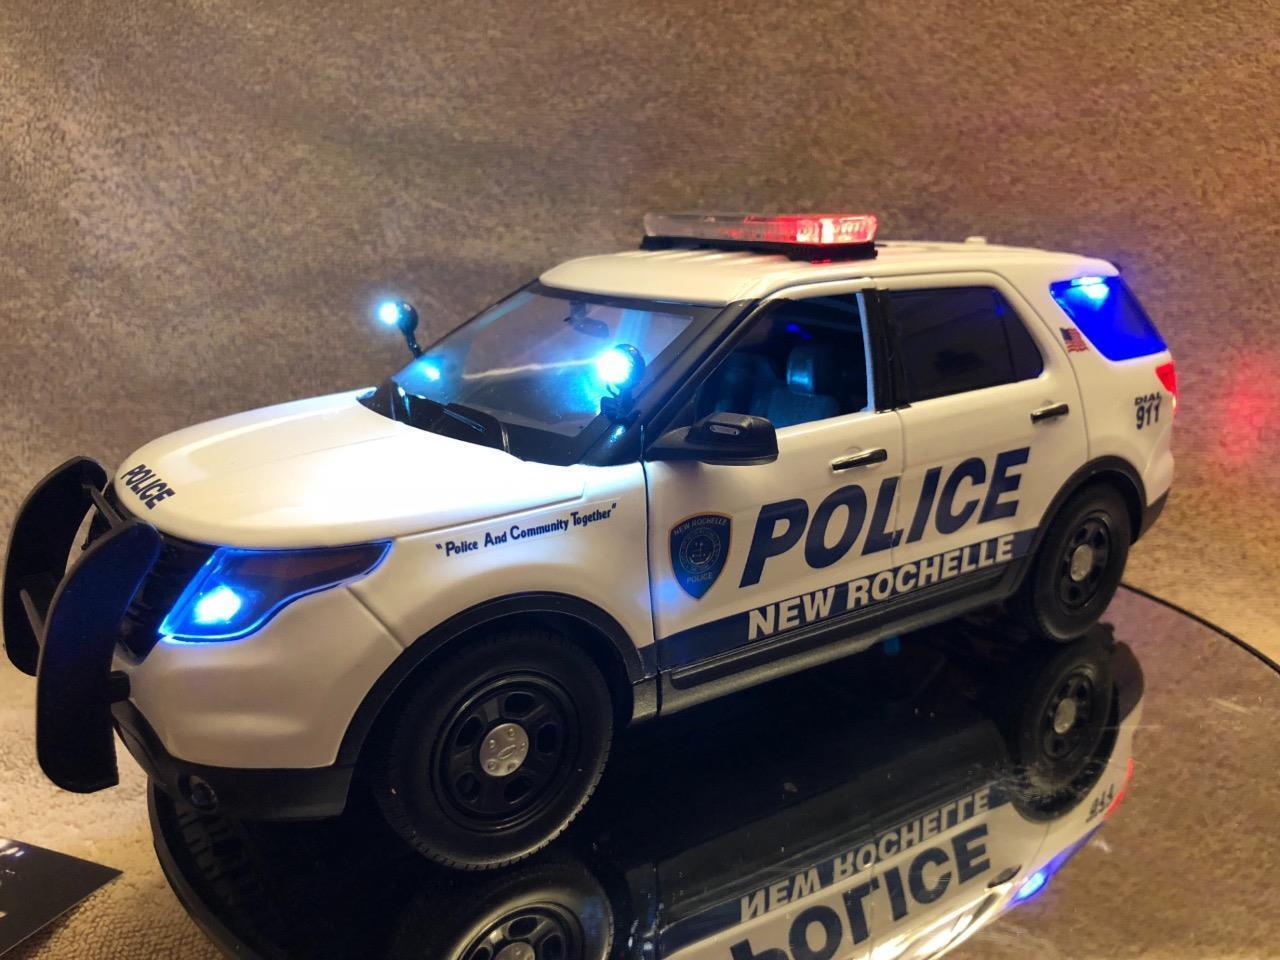 1 18  Scale nouveau ROCHELLE nouveau York Police FD VÉHICULE UTILITAIRE SPORT UT MODEL with Working lumières et sirène  sortie de vente pas cher en ligne